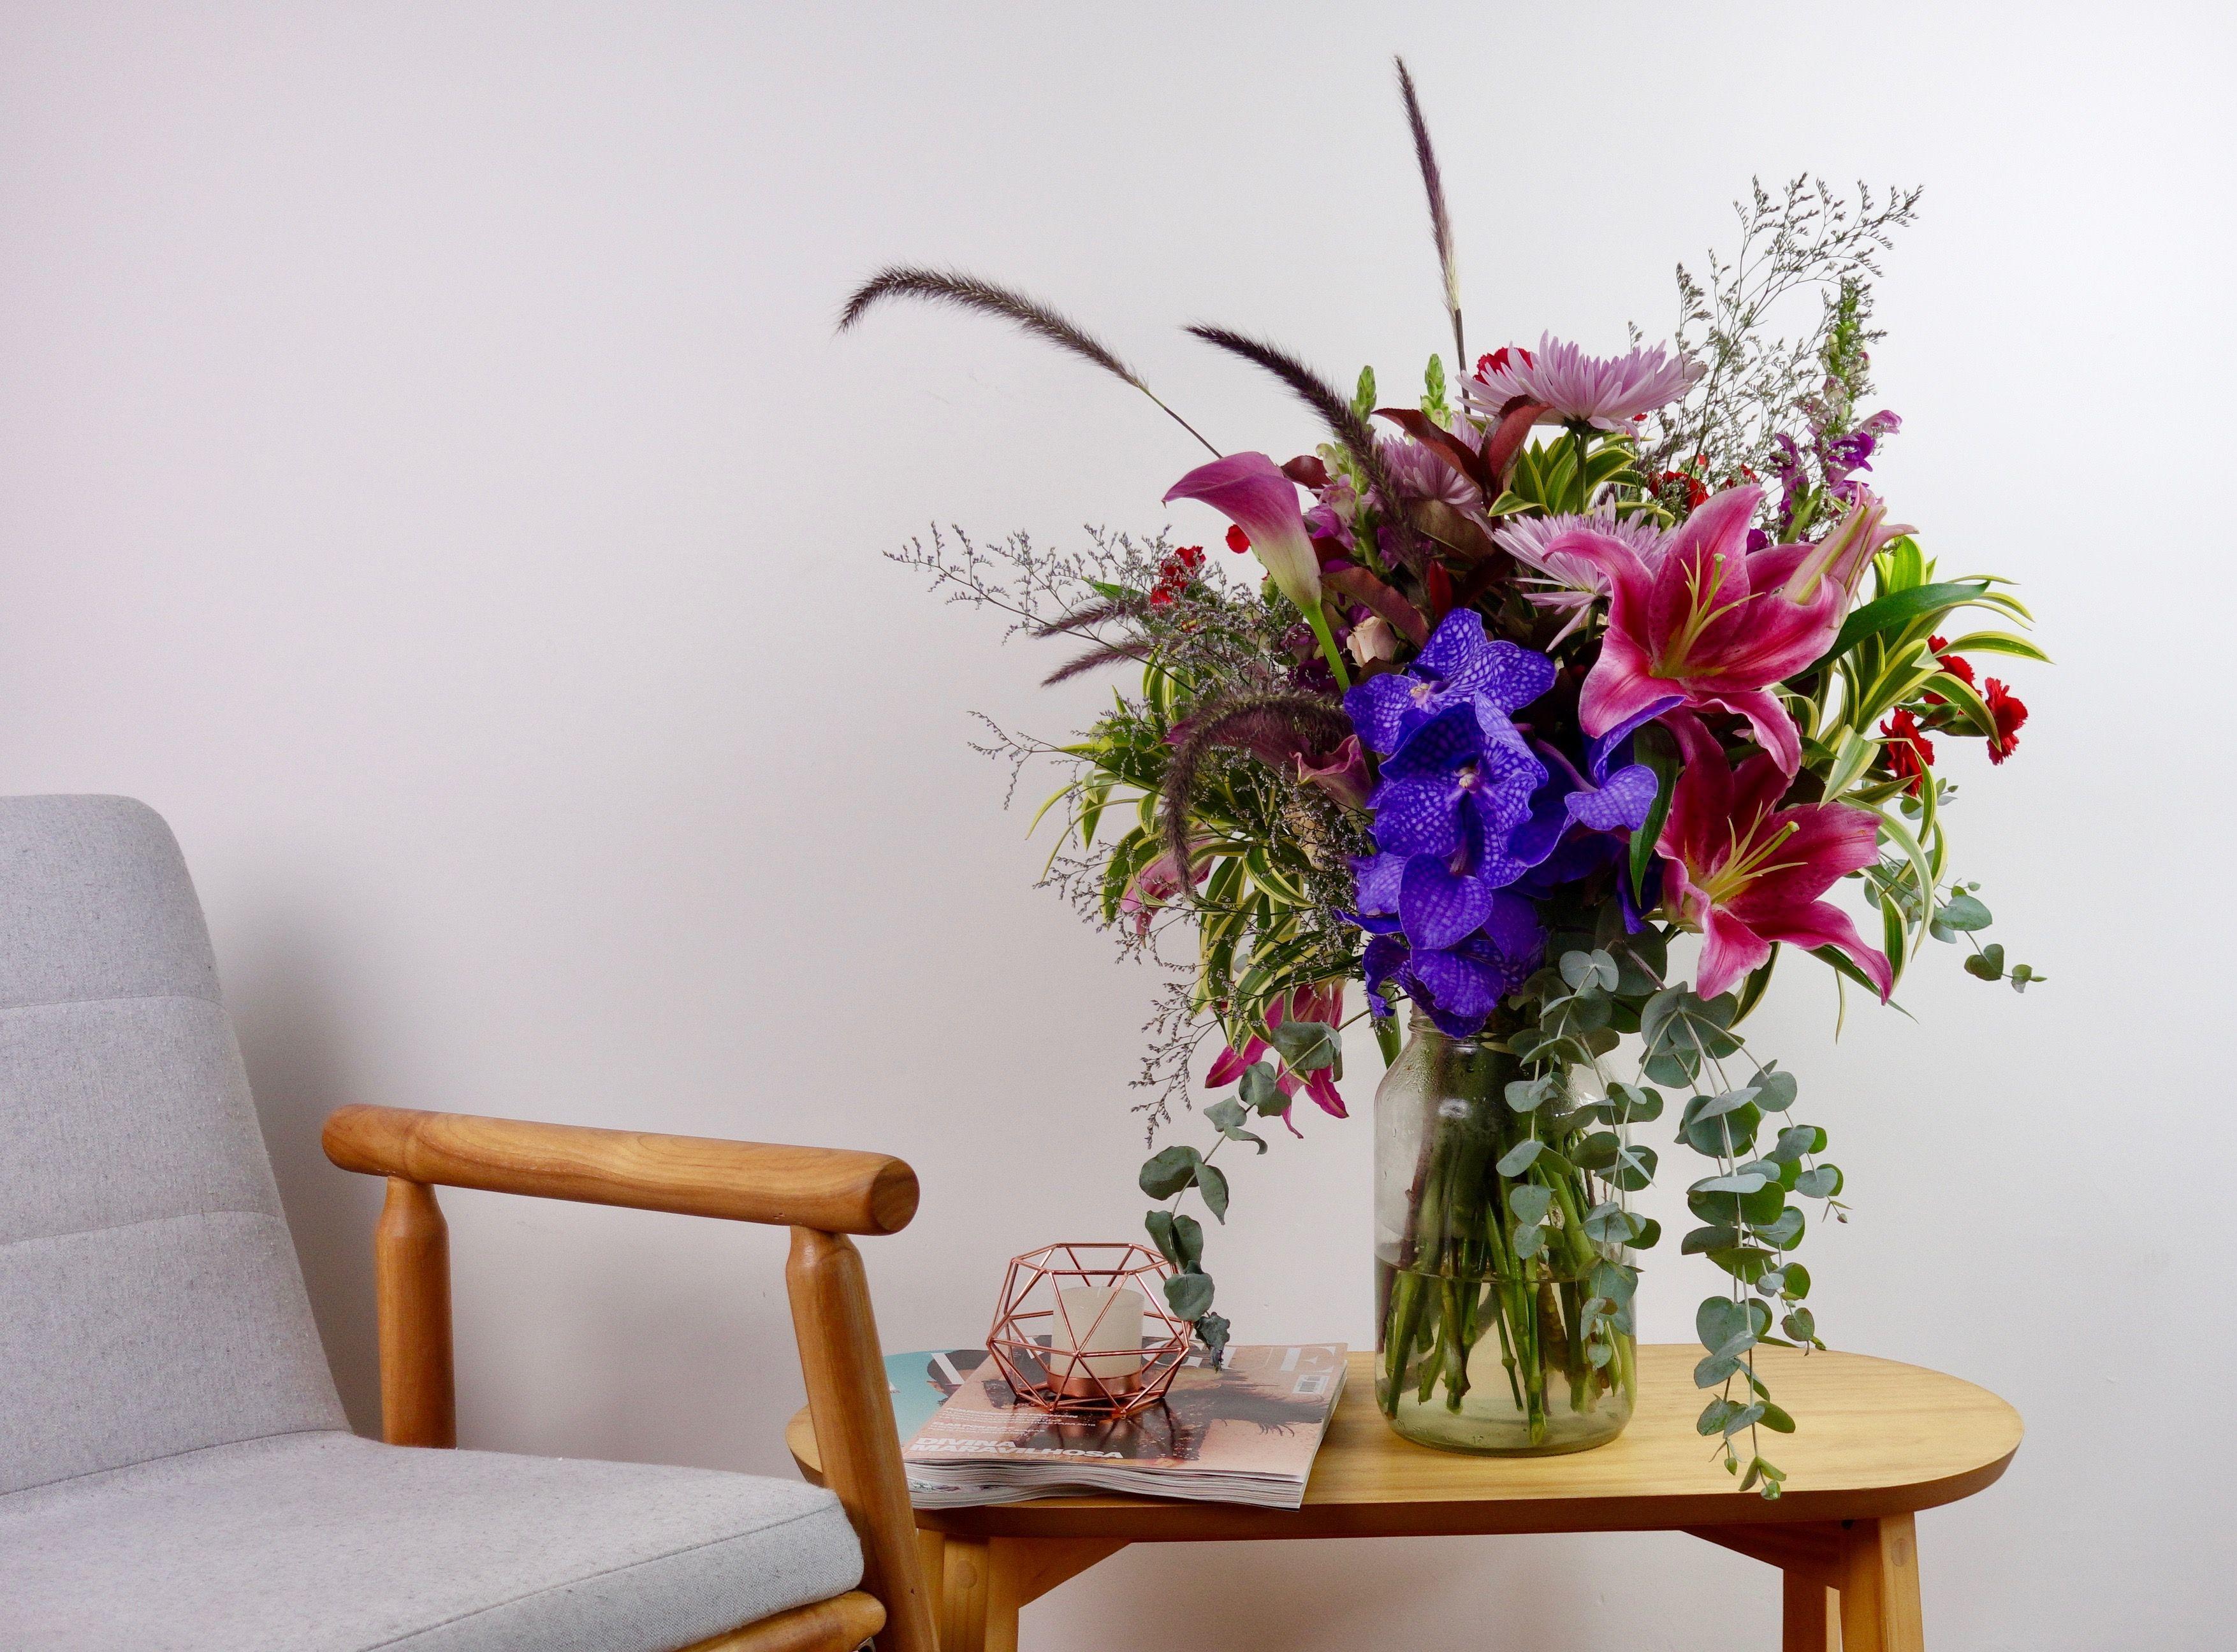 Curso Online De Arranjos Florais, Como Fazer Arranjos Florais, Como